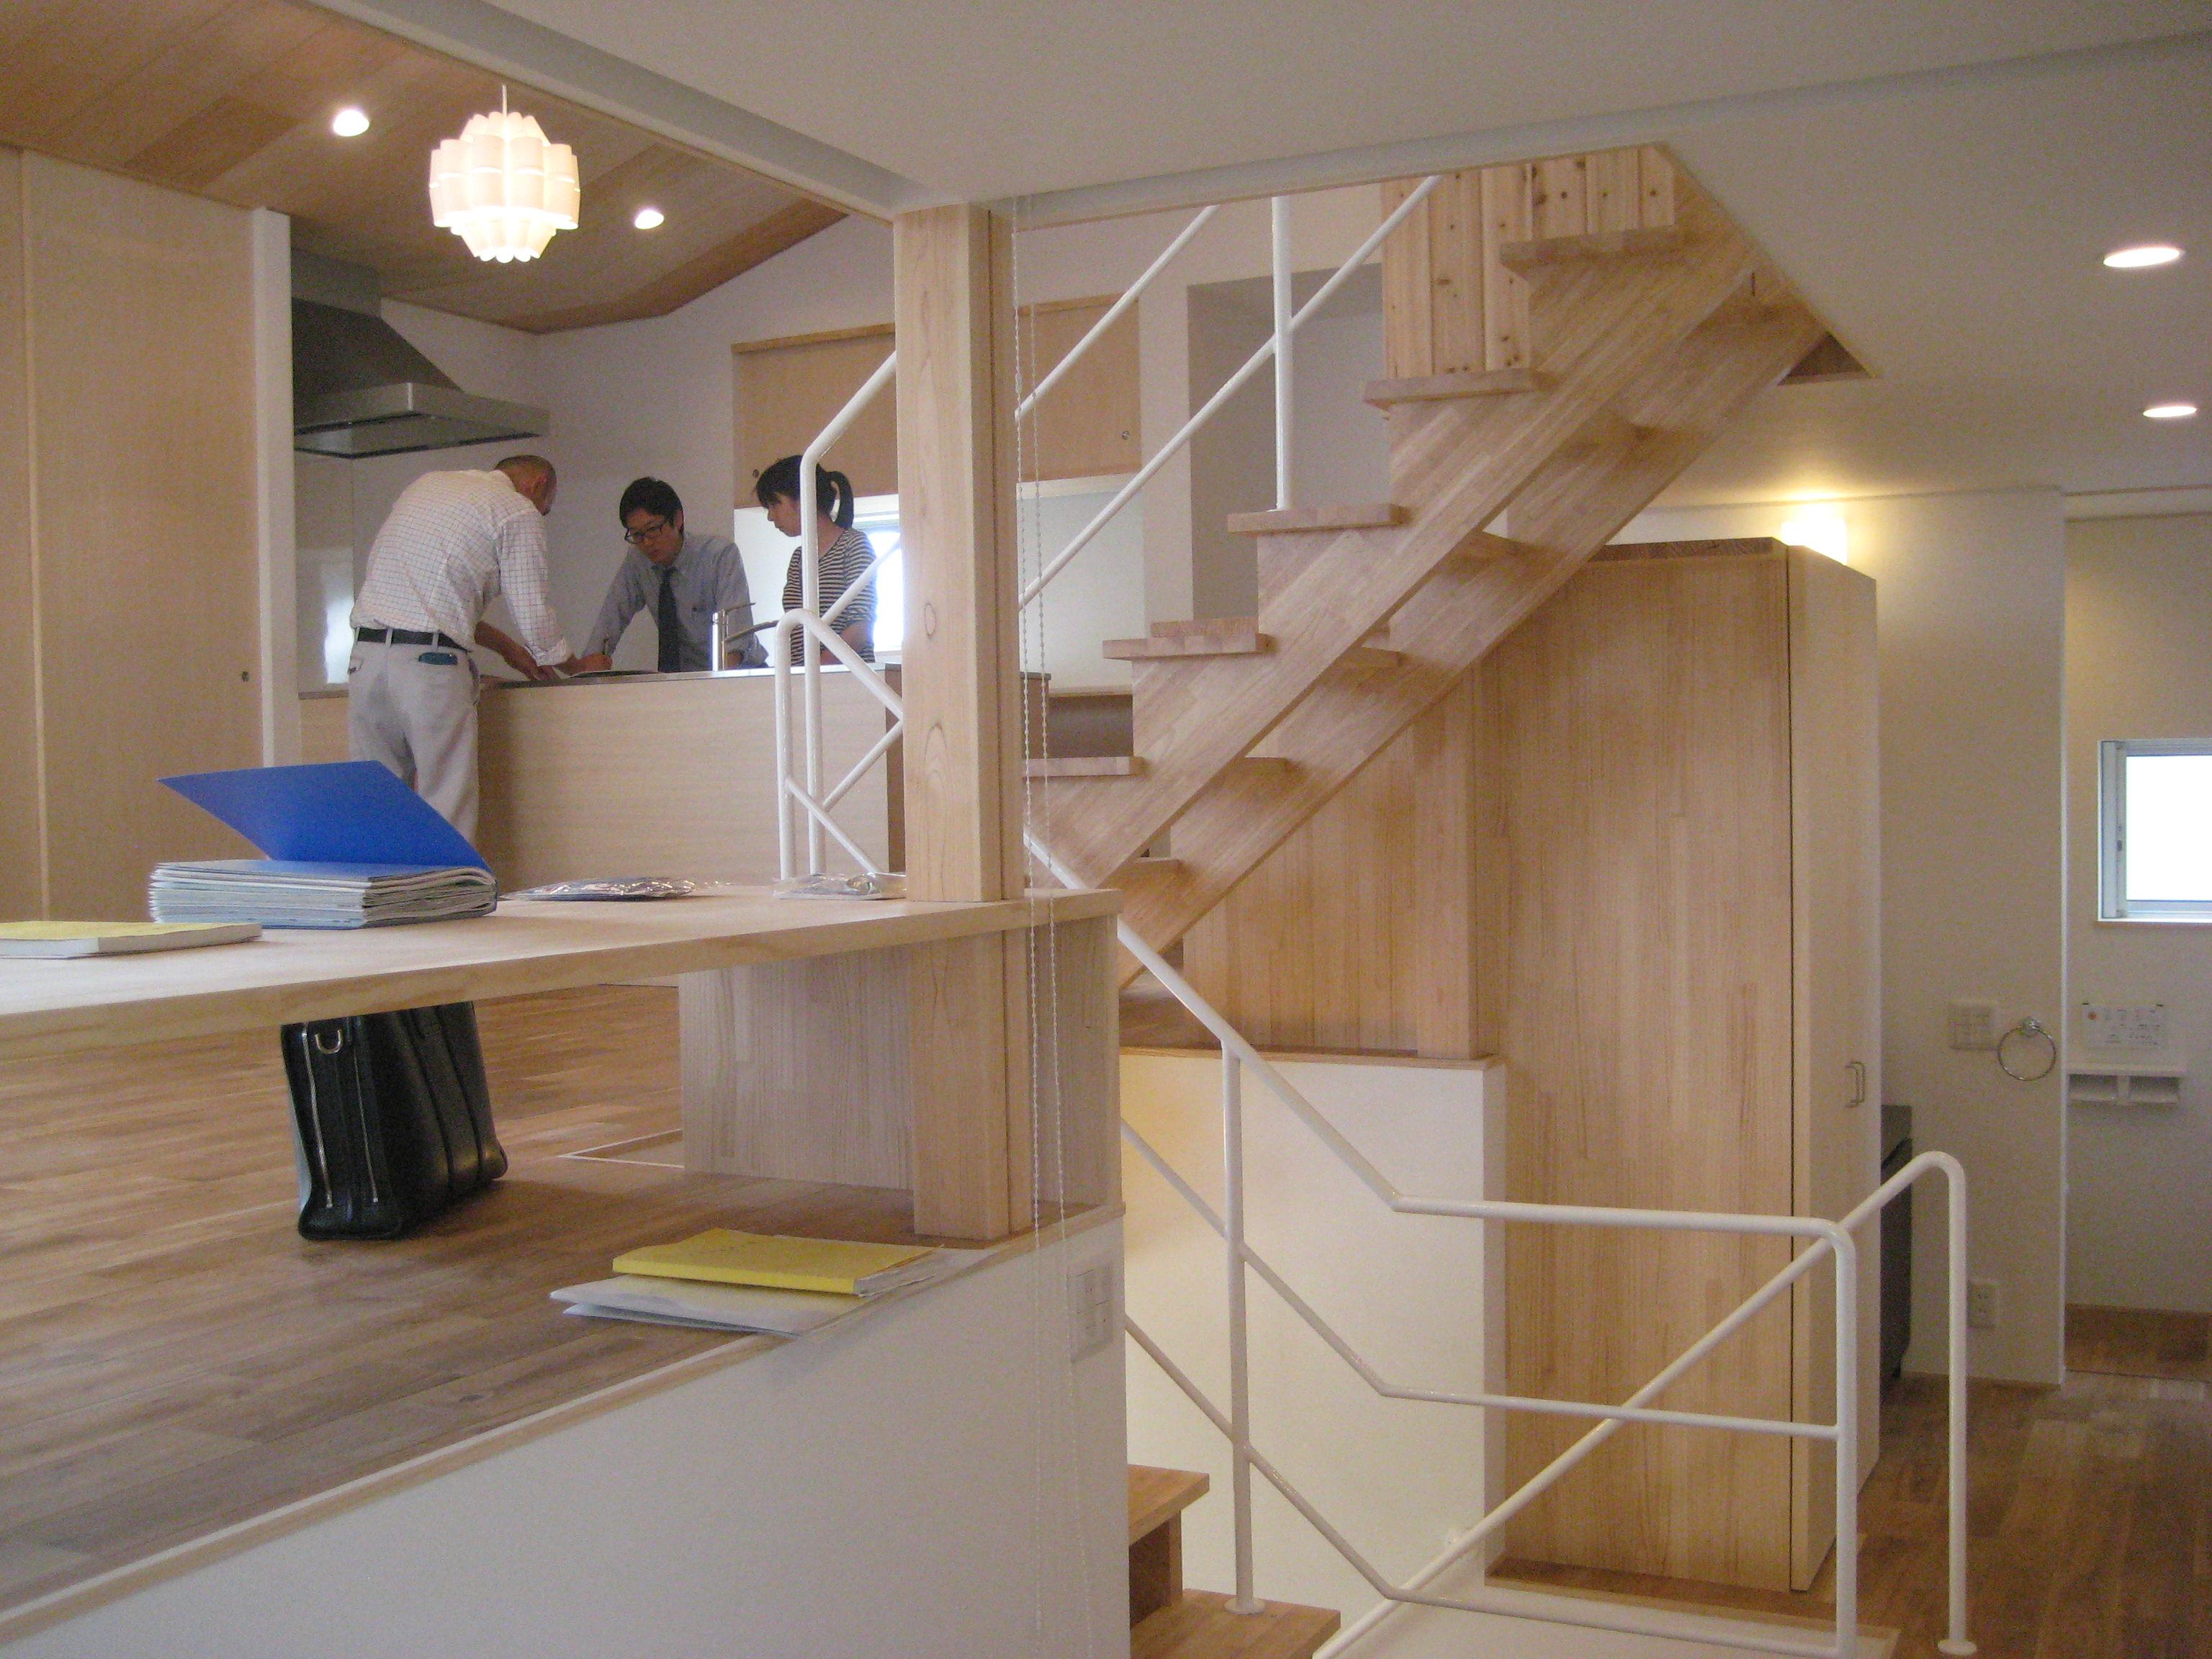 愛知県東海市「荒尾の家」木造住宅 スキップフロアー お引渡し